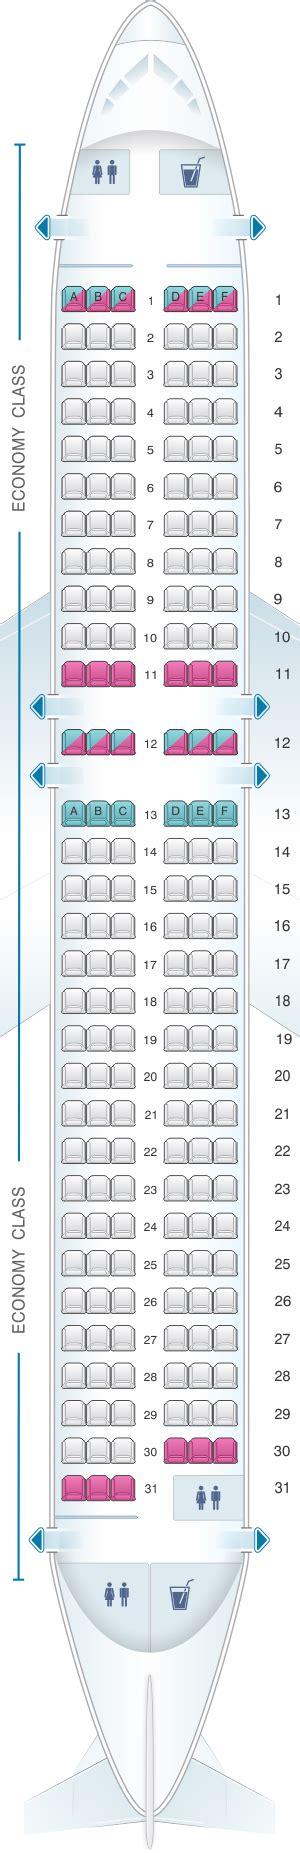 plan des sieges airbus a320 plan de cabine easyjet airbus a320 seatmaestro fr